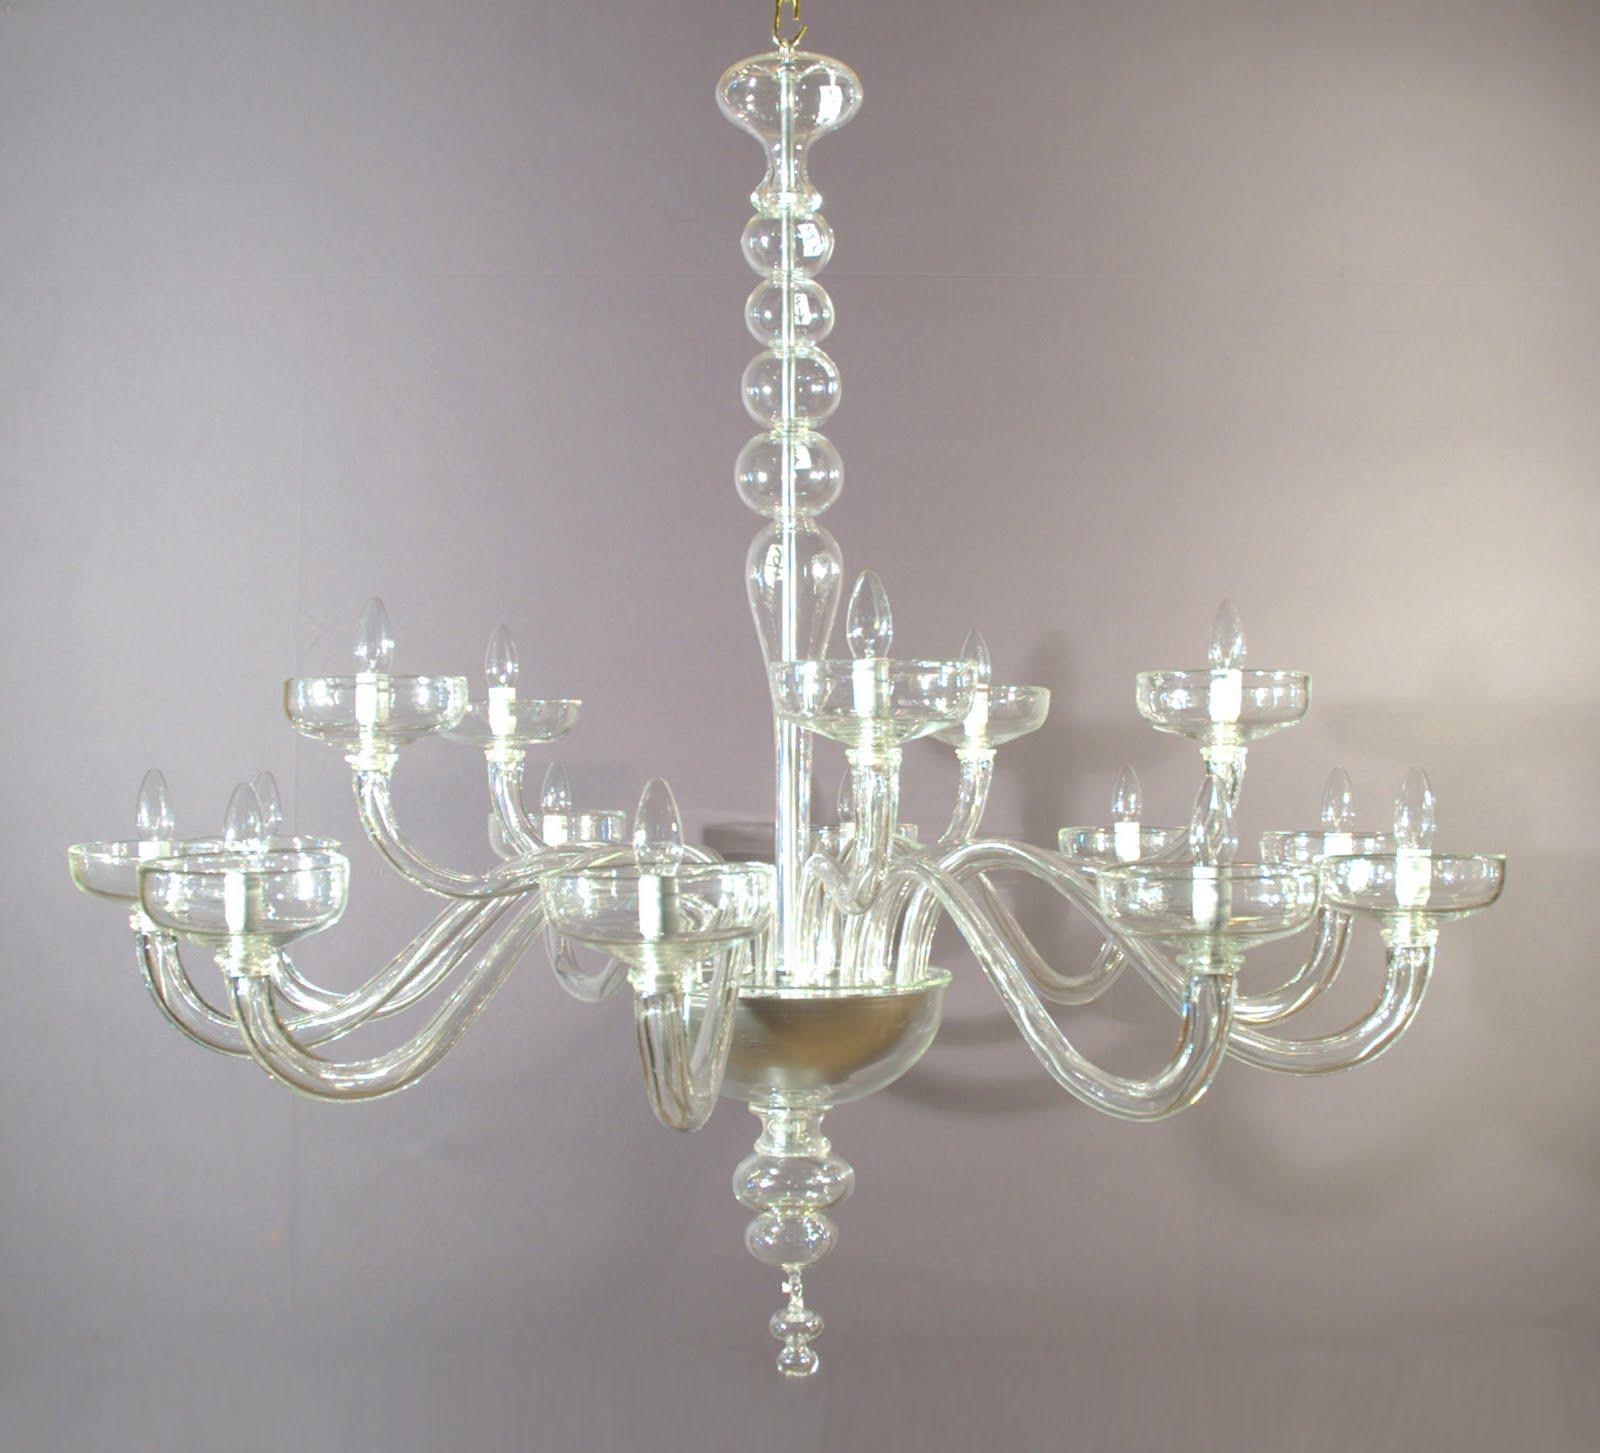 lampadari murano offerte : ... Murano in stile classico e moderno, ? LAMPADARI IN VETRO DI MURANO